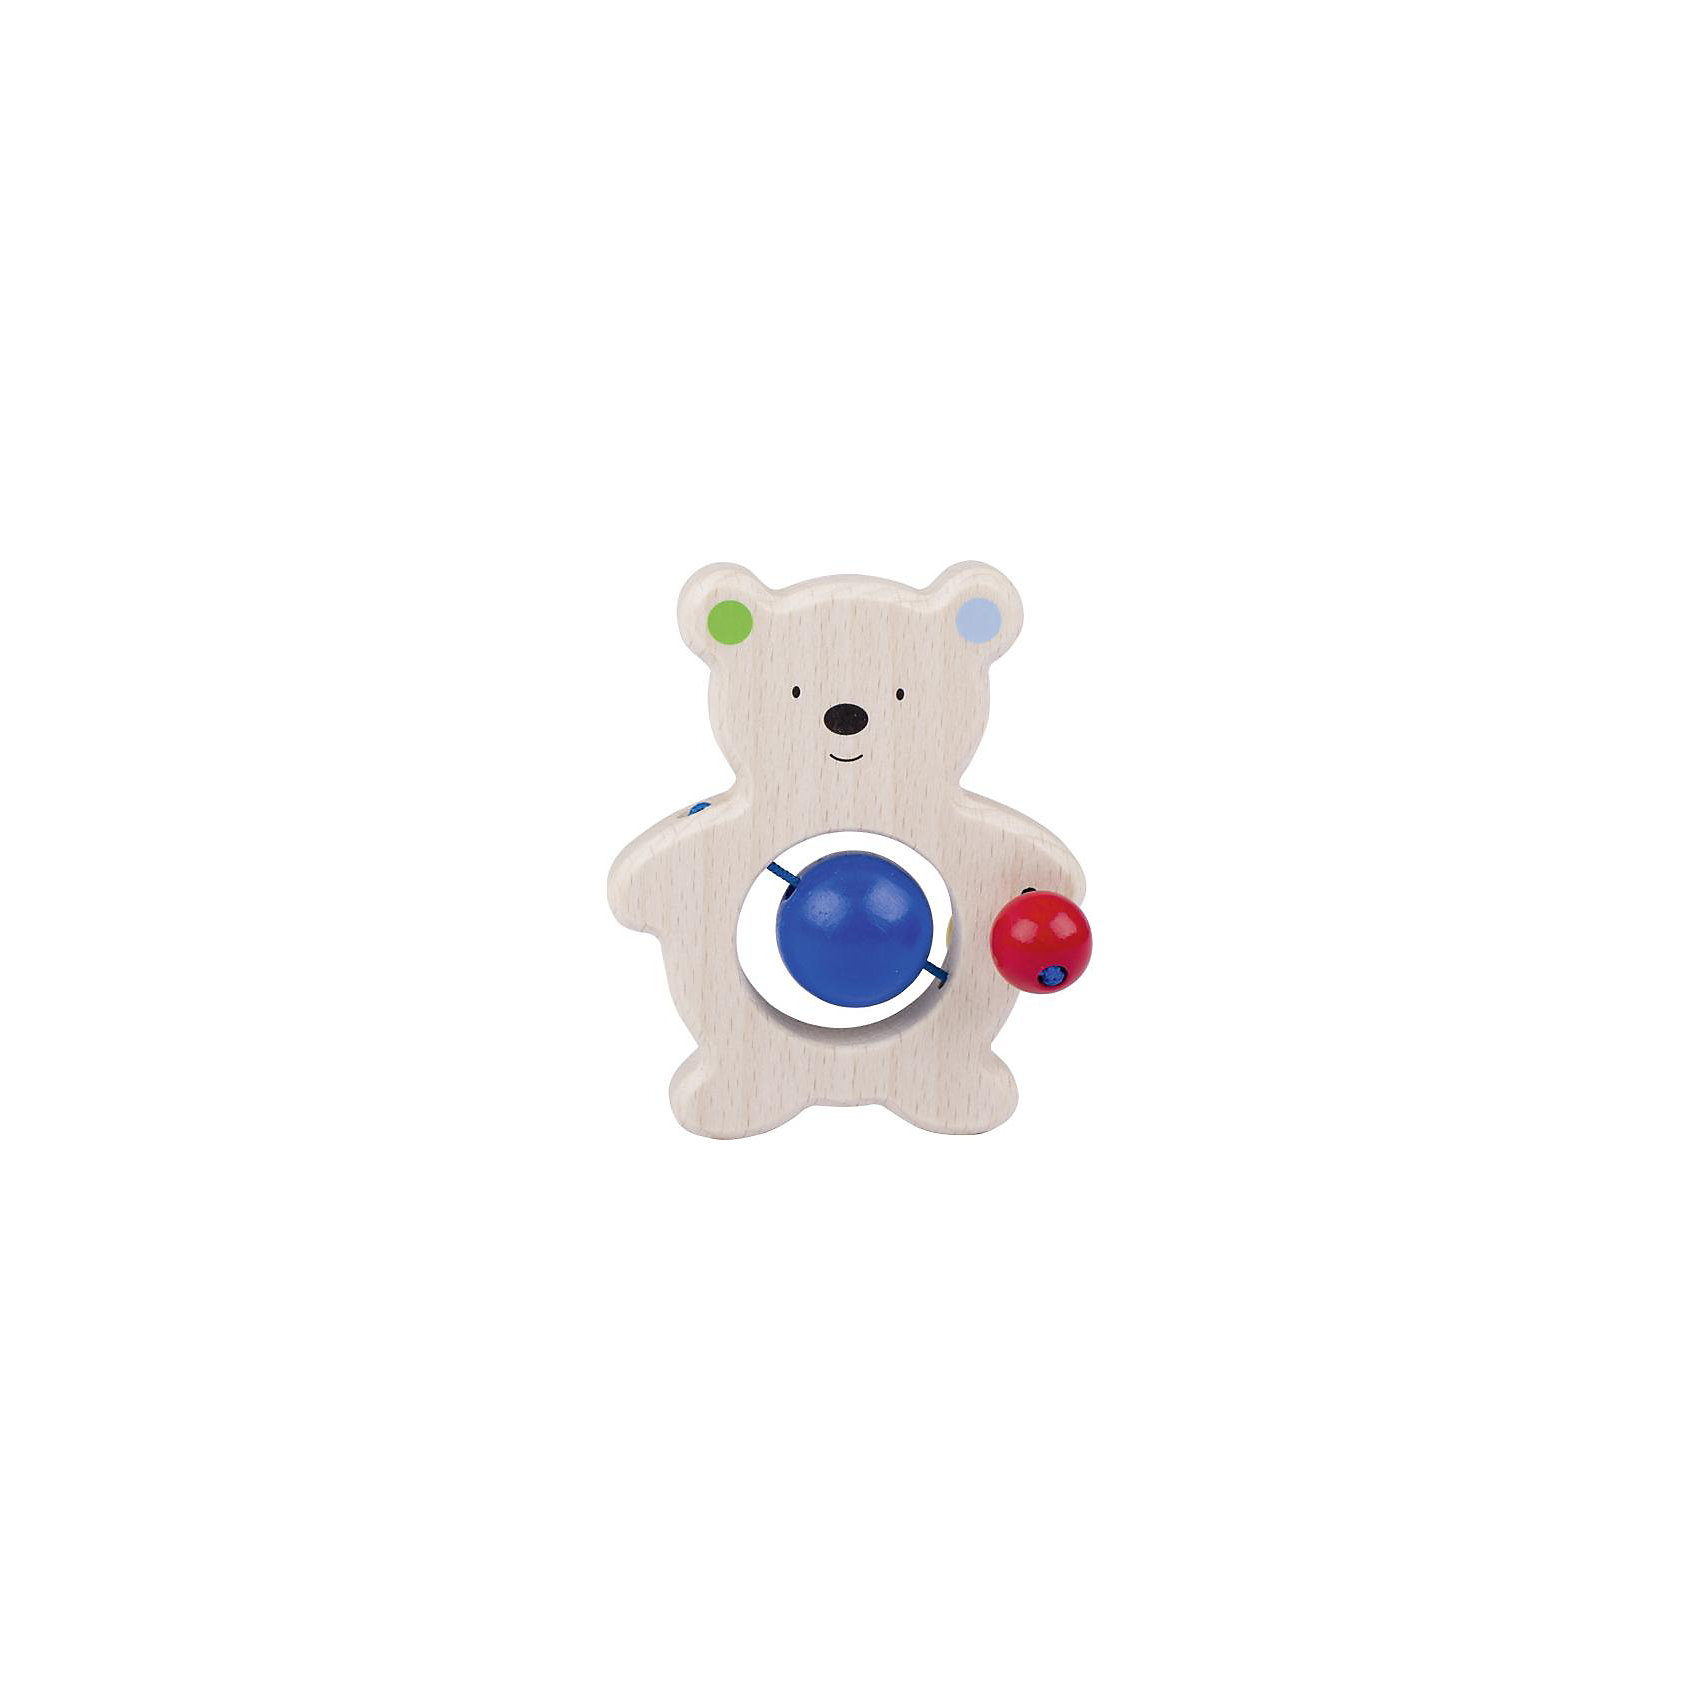 Игрушка Медвежонок с бусинками, HEIMESSХарактеристики товара:<br><br>- цвет: разноцветный;<br>- материал: дерево;<br>- размер упаковки: 10 x 10 x 10 см;<br>- вес: 50 г.<br><br>Детская красивая игрушка – отличный подарок для родителей и ребенка. В процессе игры с ней ребенок развивает моторику, тактильное восприятие, воображение, внимание и координацию движений. Игрушка тщательно обработана, её можно кусать - она сделана из безопасного дерева. Игрушка разработана специально для маленьких ручек ребёнка. <br>Такая игрушка позволит малышу с детства развивать цветовосприятие, также она помогает детям научиться фокусировать внимание. Изделие произведено из качественных материалов, безопасных для ребенка.<br><br>Игрушку Медвежонок с бусинками от бренда HEIMESS можно купить в нашем интернет-магазине.<br><br>Ширина мм: 100<br>Глубина мм: 100<br>Высота мм: 100<br>Вес г: 50<br>Возраст от месяцев: 3<br>Возраст до месяцев: 24<br>Пол: Унисекс<br>Возраст: Детский<br>SKU: 5155298